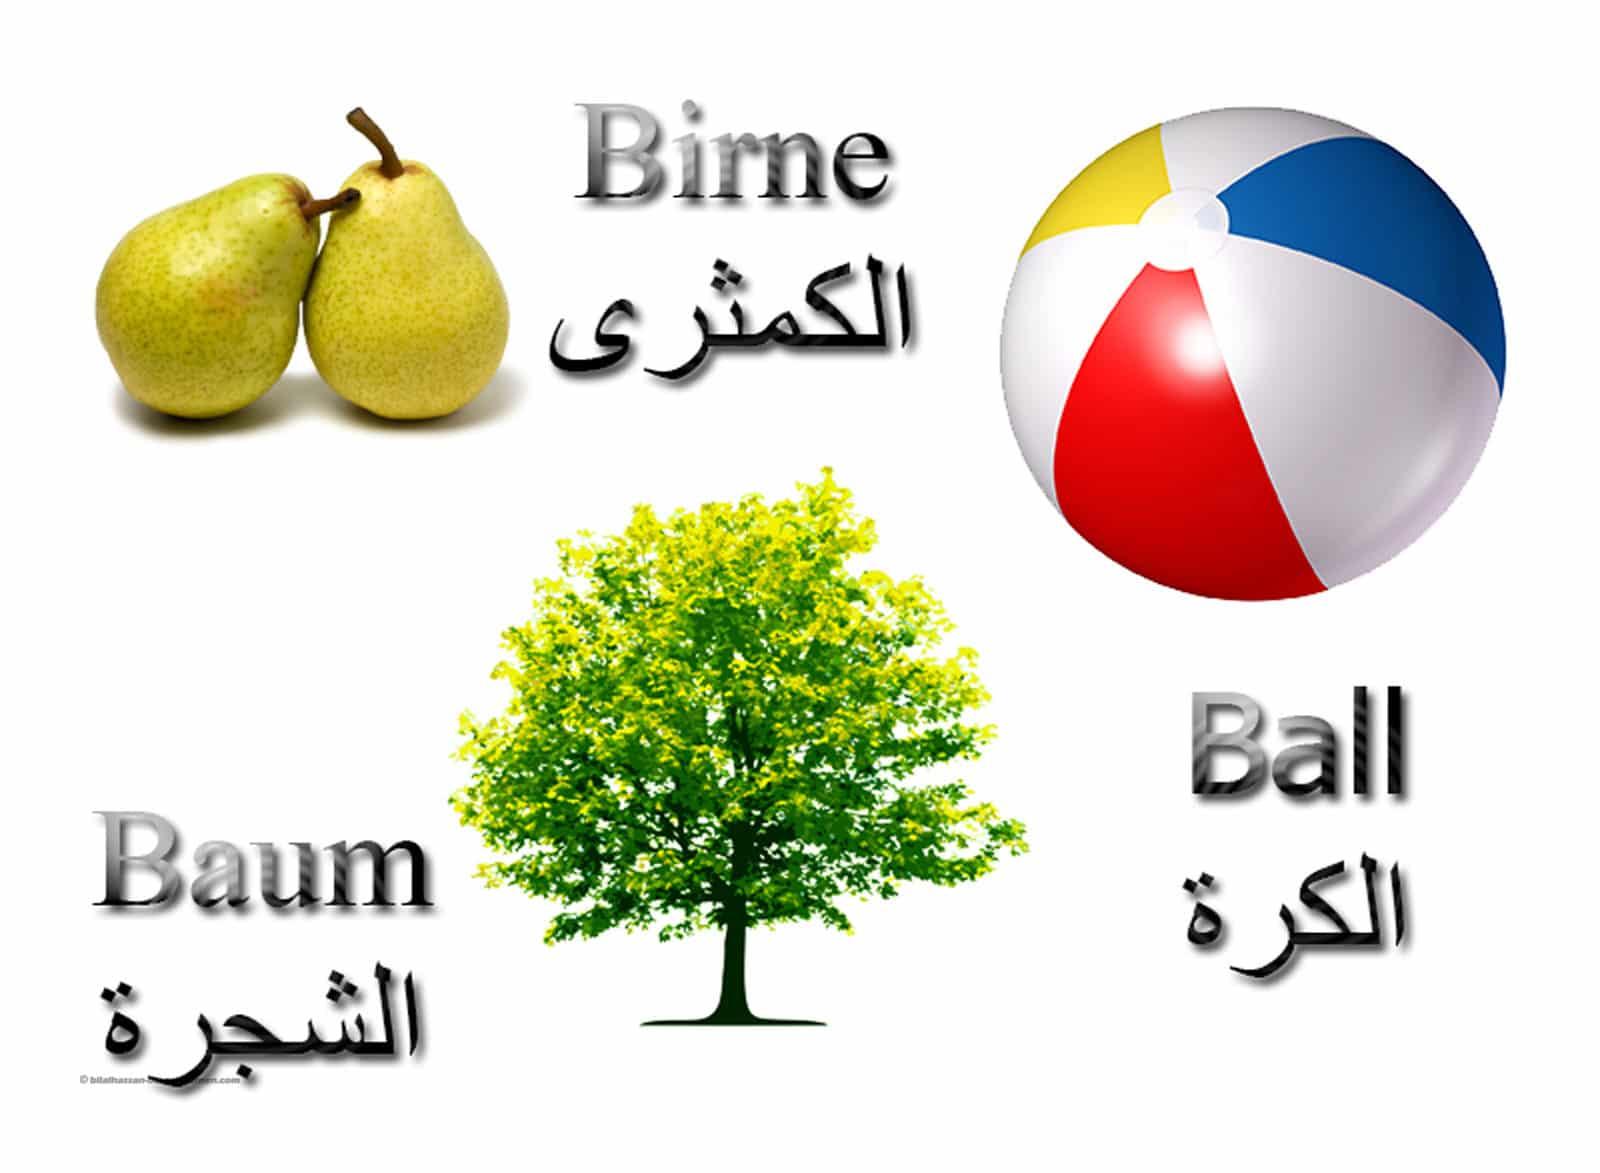 الحروف-الالمانية-حرف-B